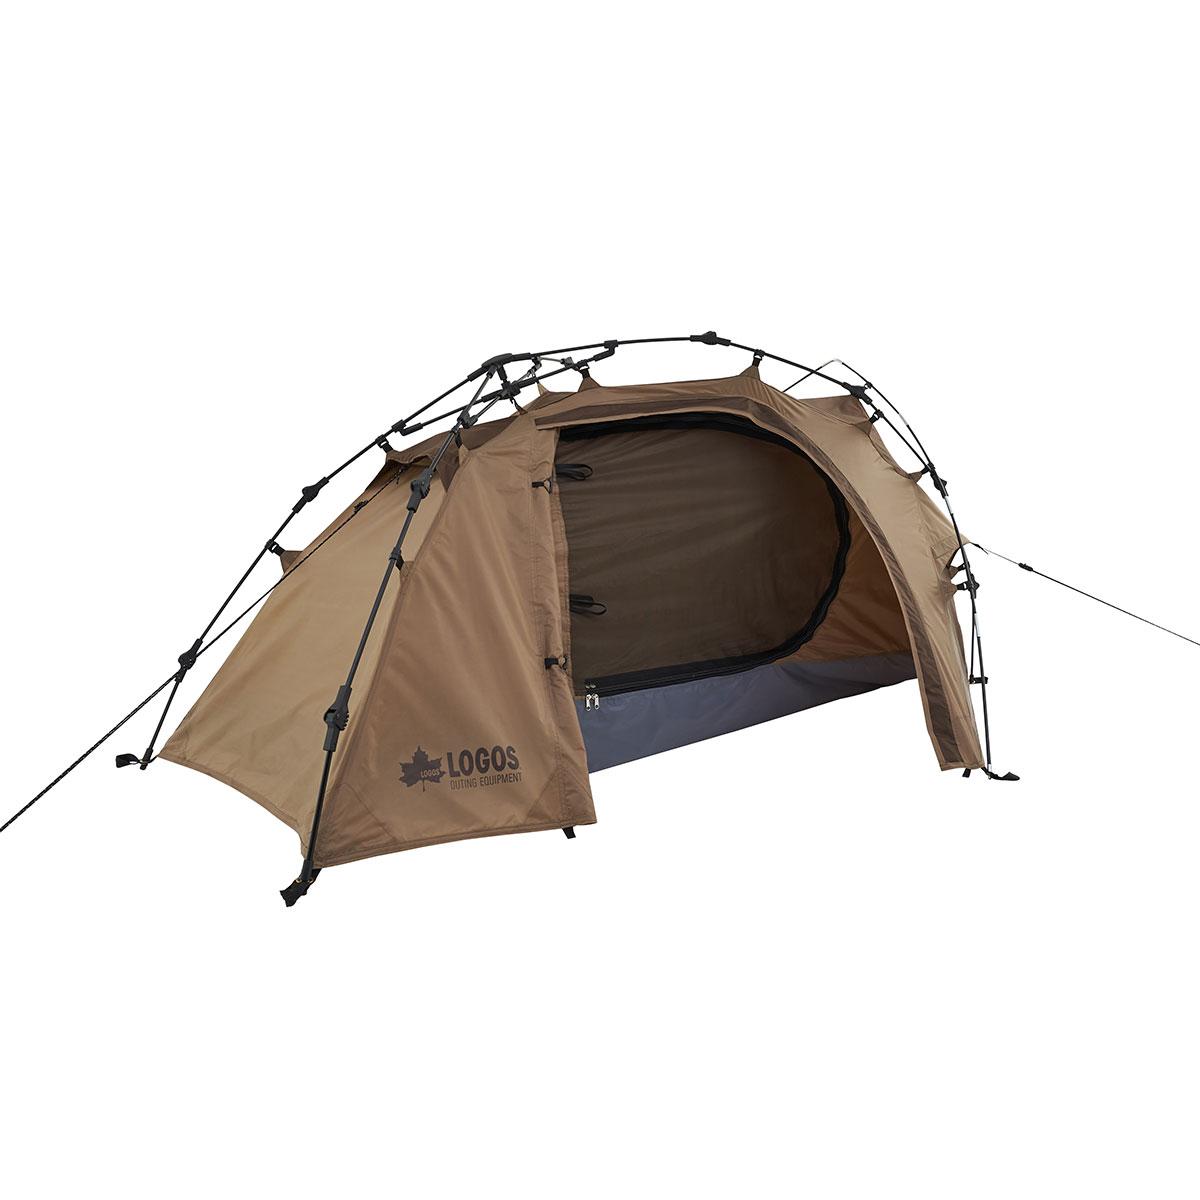 ロゴス(LOGOS) キャンプ用テント(3~5人用) neos Q-TOP リバイバルSOLO DOME-BJ 71805555 テント タープ キャンプ用テント キャンプ アウトドア